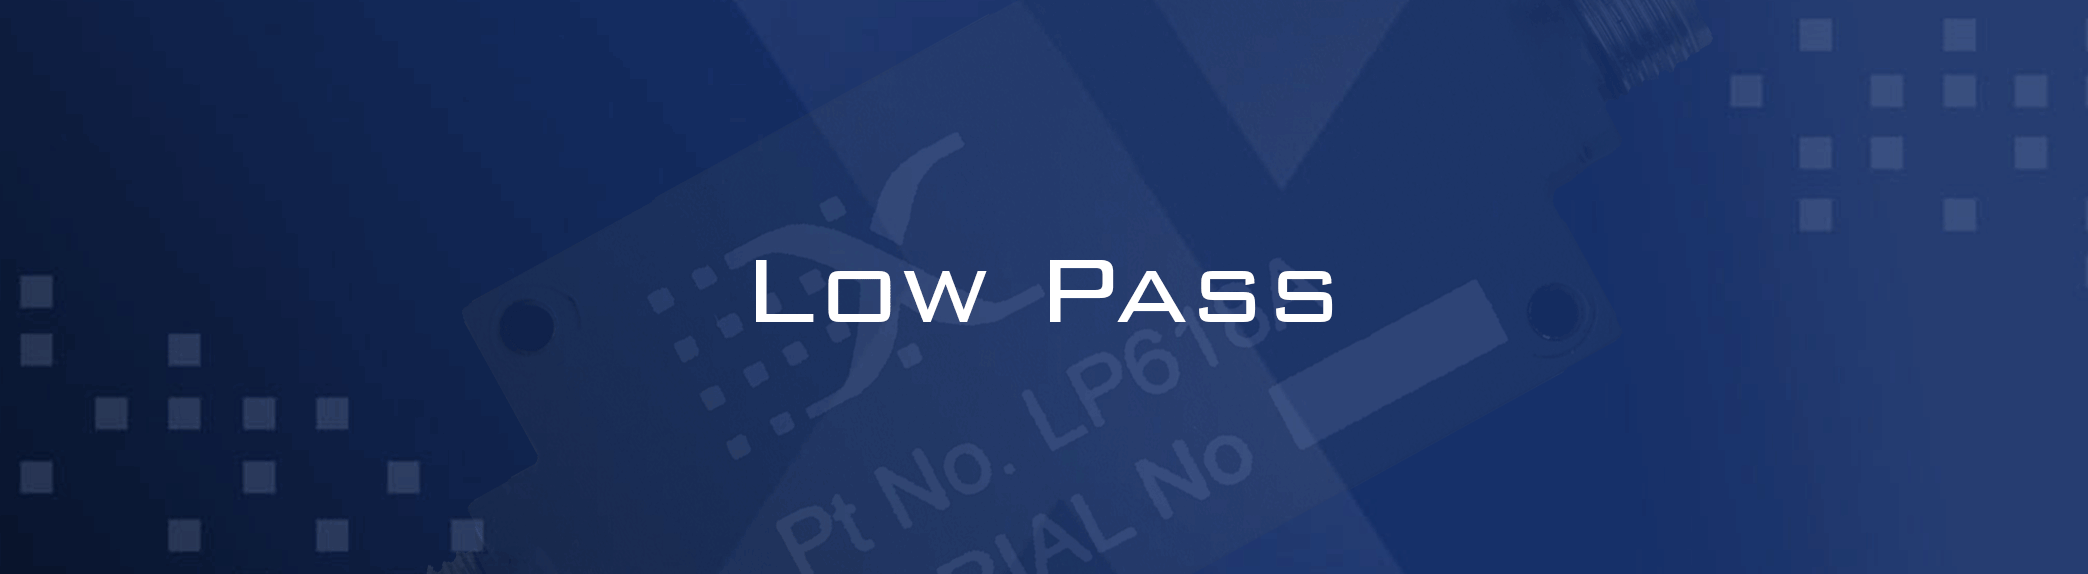 Low Pass